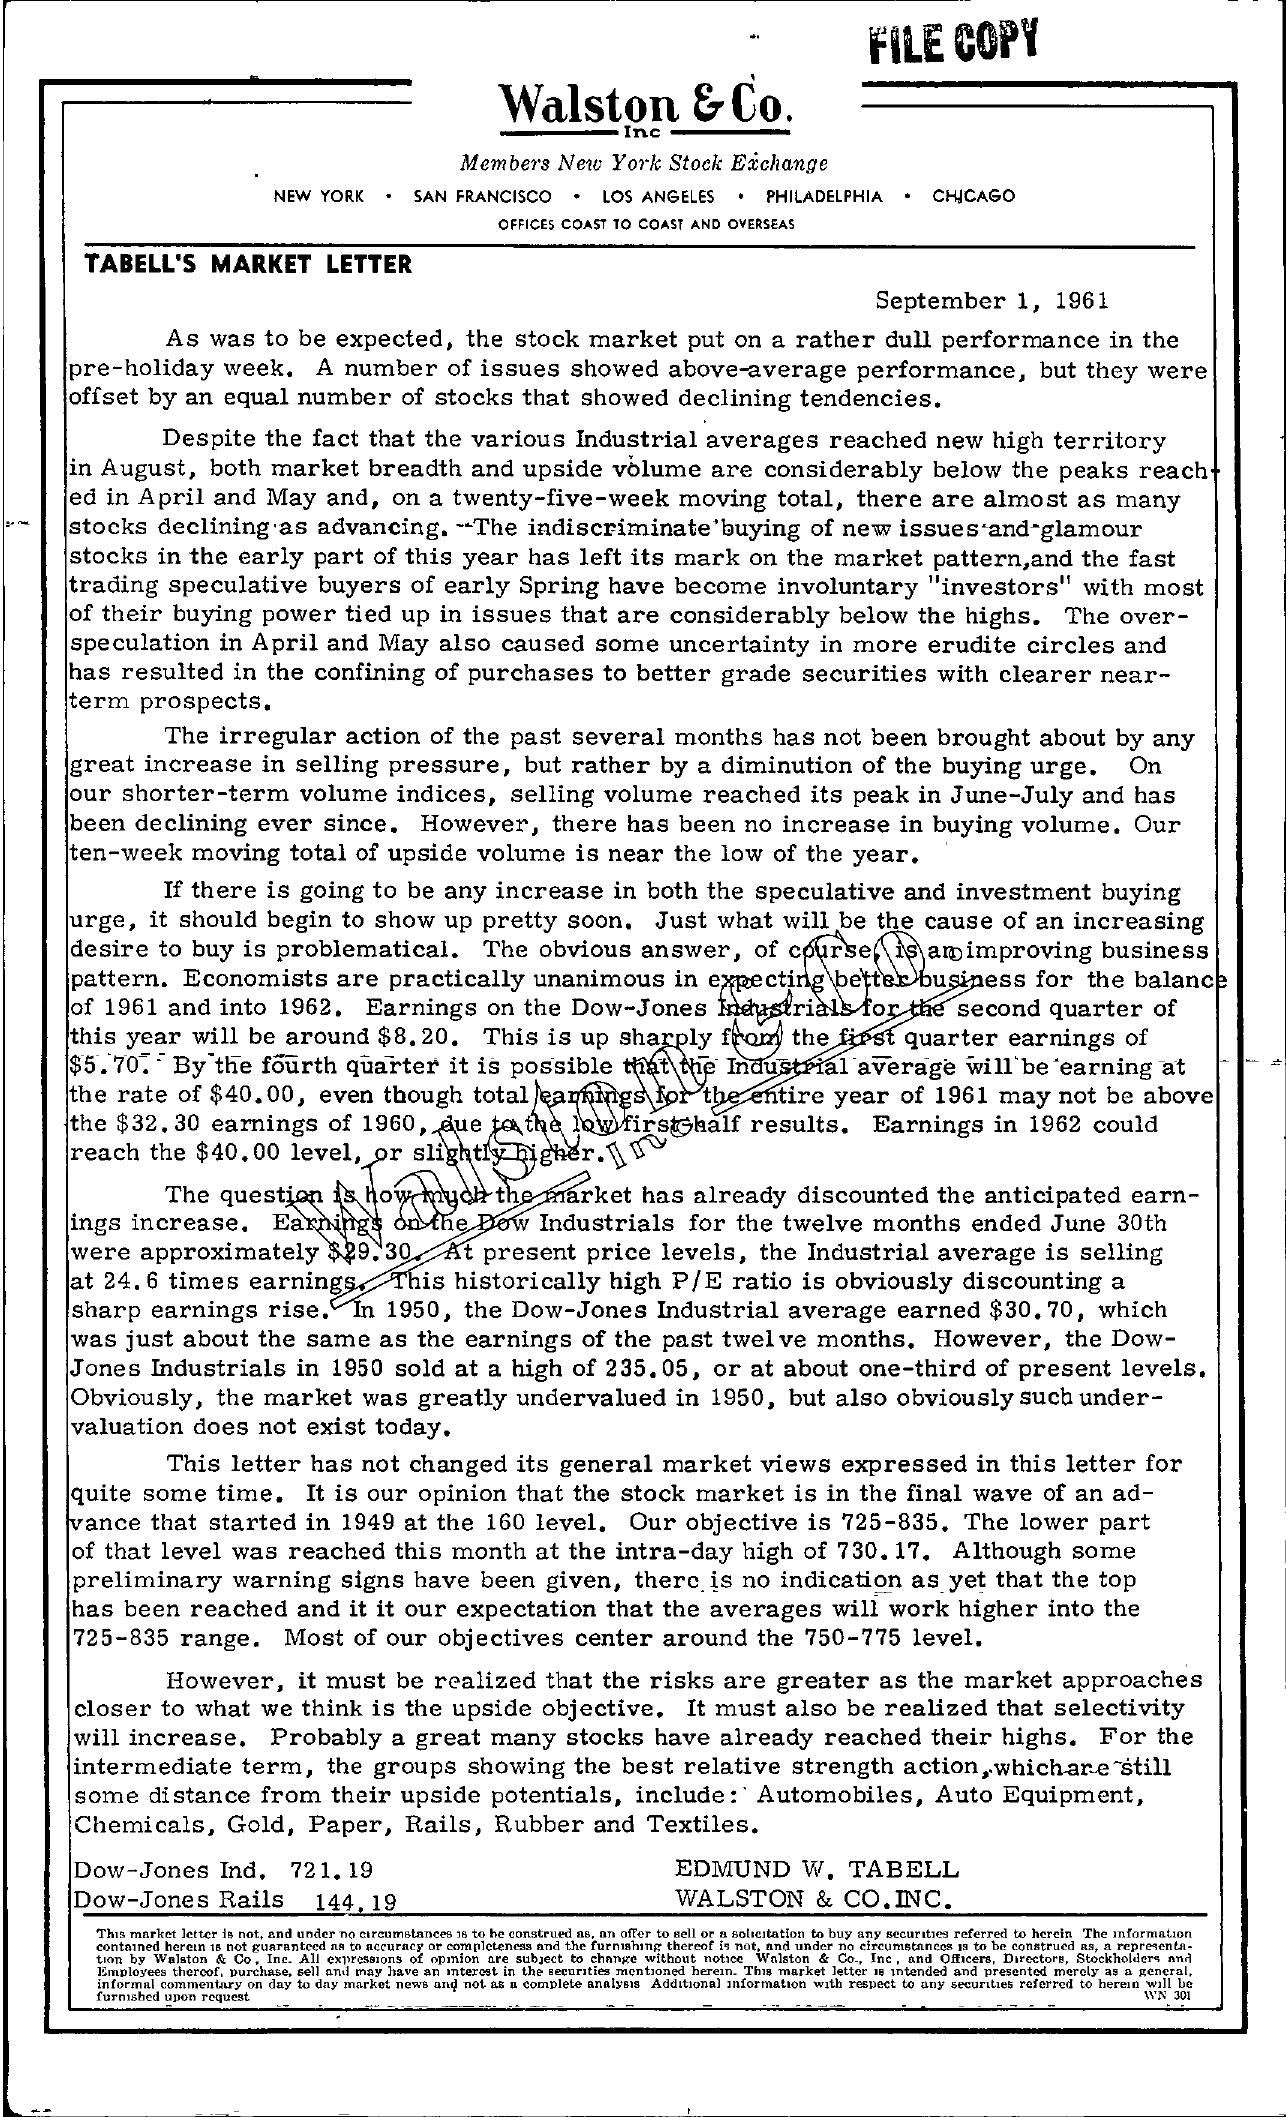 Tabell's Market Letter - September 01, 1961